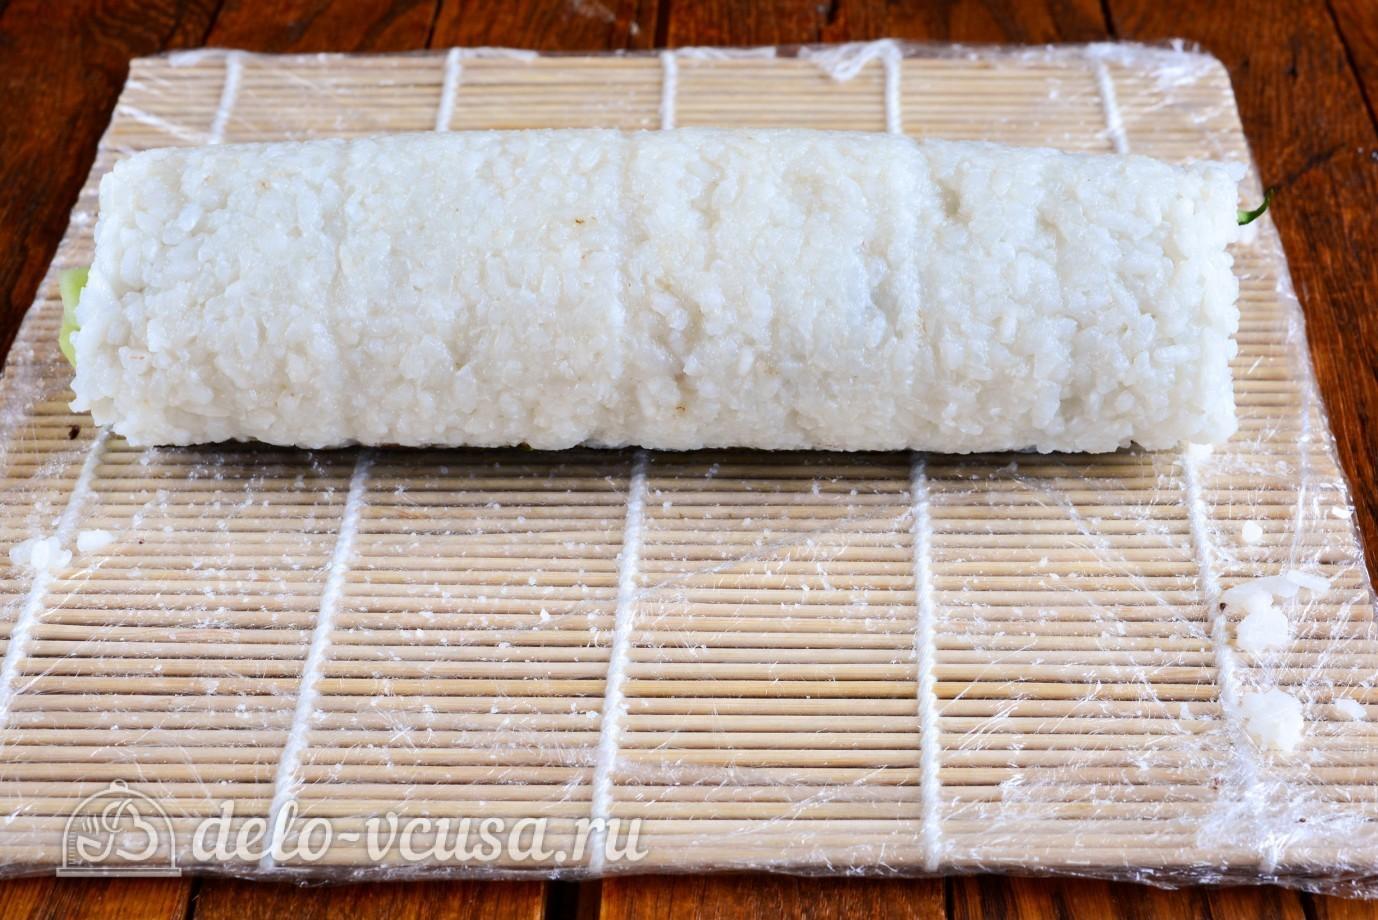 Роллы с огурцом, курицей и тофу: Сворачиваем роллы